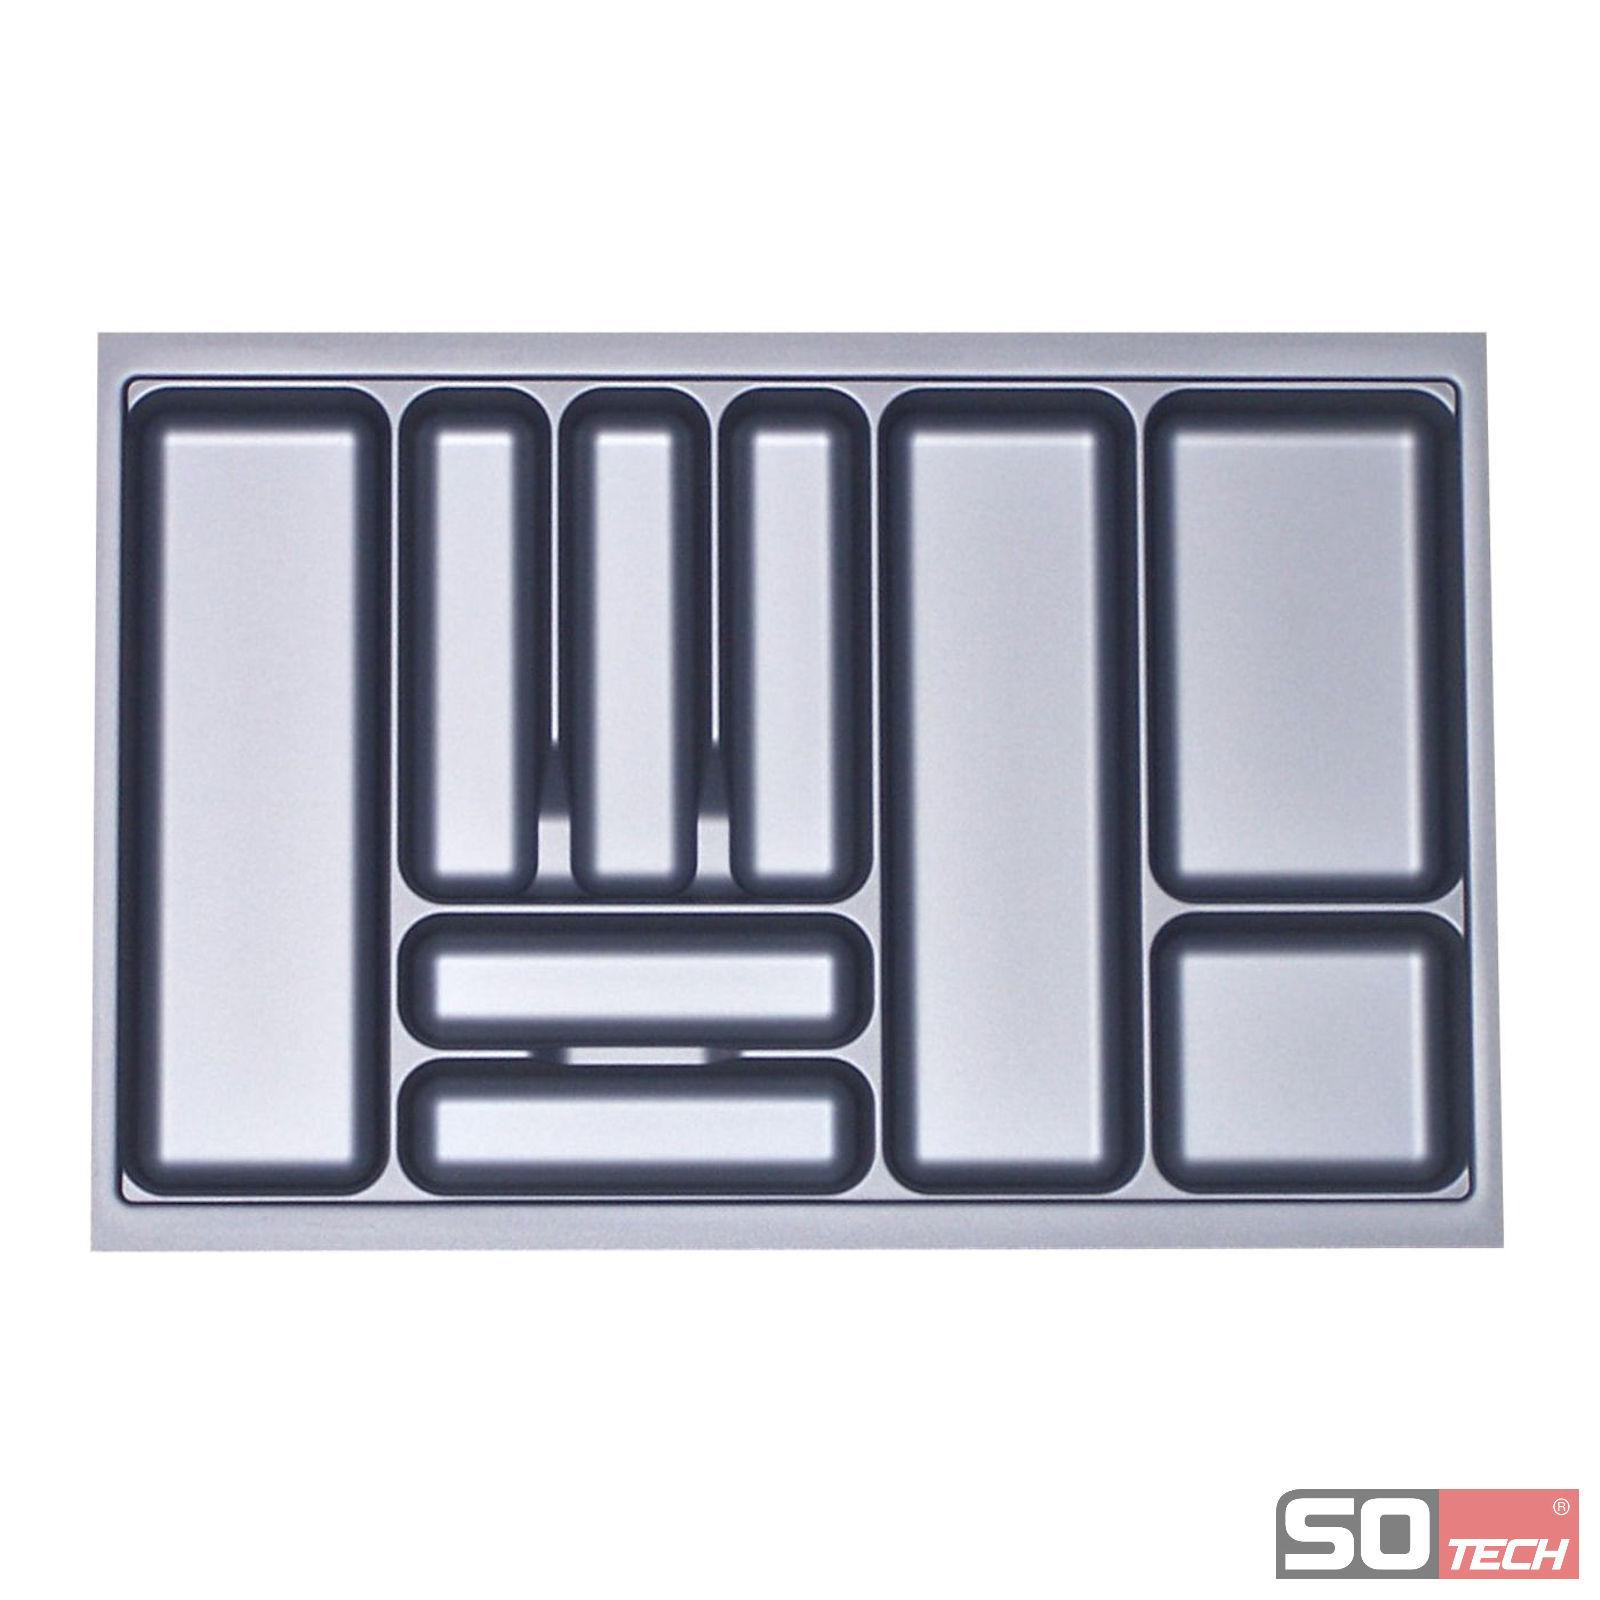 besteckeinsatz orga box f r 80cm schublade besteckteiler besteckkasten einsatz ebay. Black Bedroom Furniture Sets. Home Design Ideas